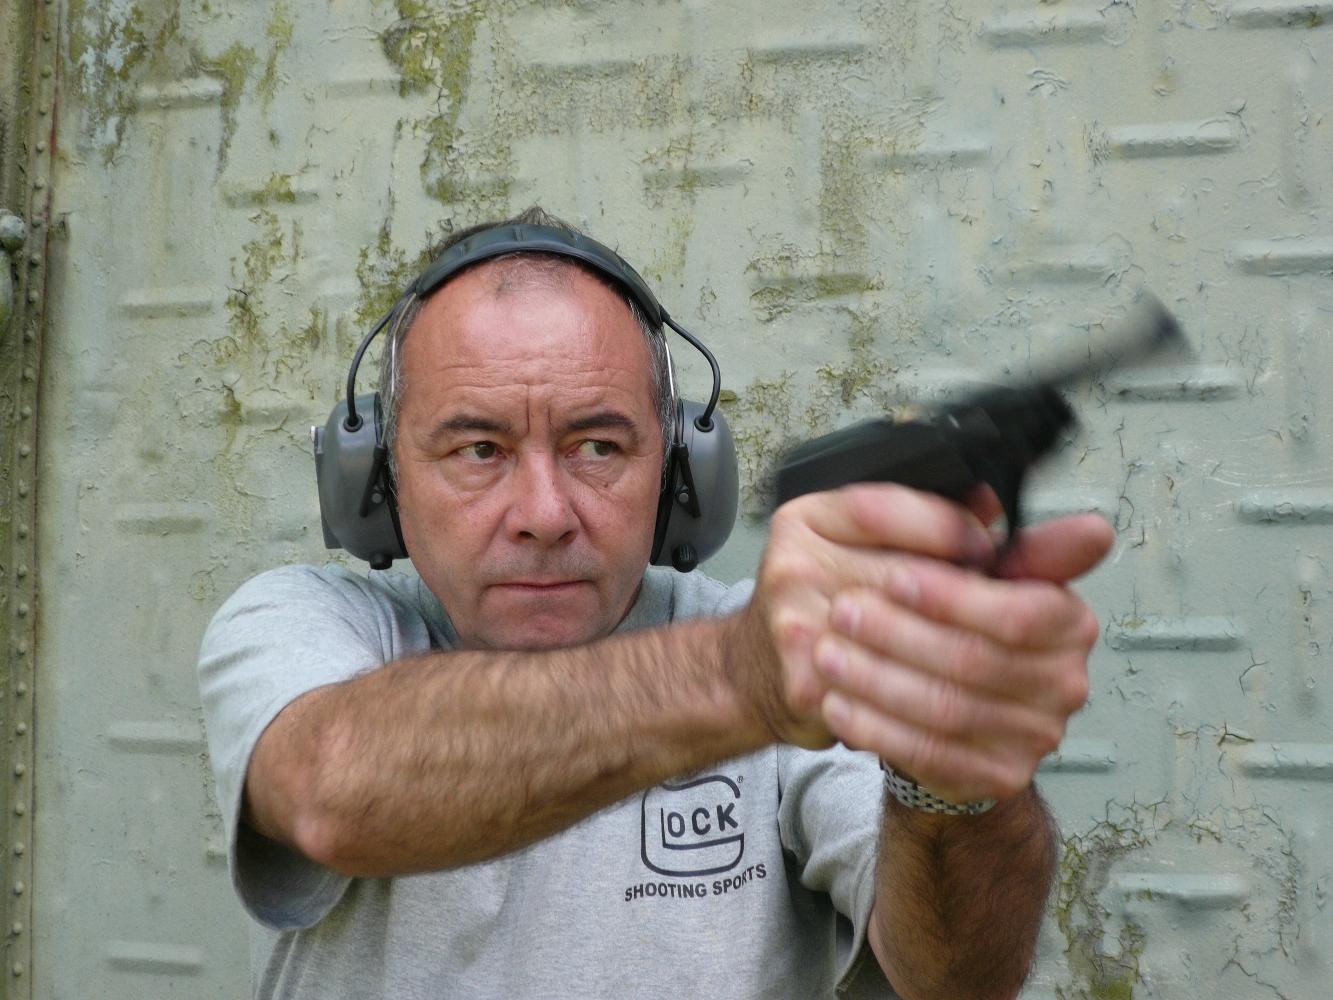 Extrêmement fiable et suffisamment précis à courte distance, le Walther P1, qui procure une prise en main satisfaisante, bénéficie d'un bon équilibre et pointe vers la cible de façon naturelle correspond finalement assez bien à ce que l'on attend d'une arme de combat moderne.